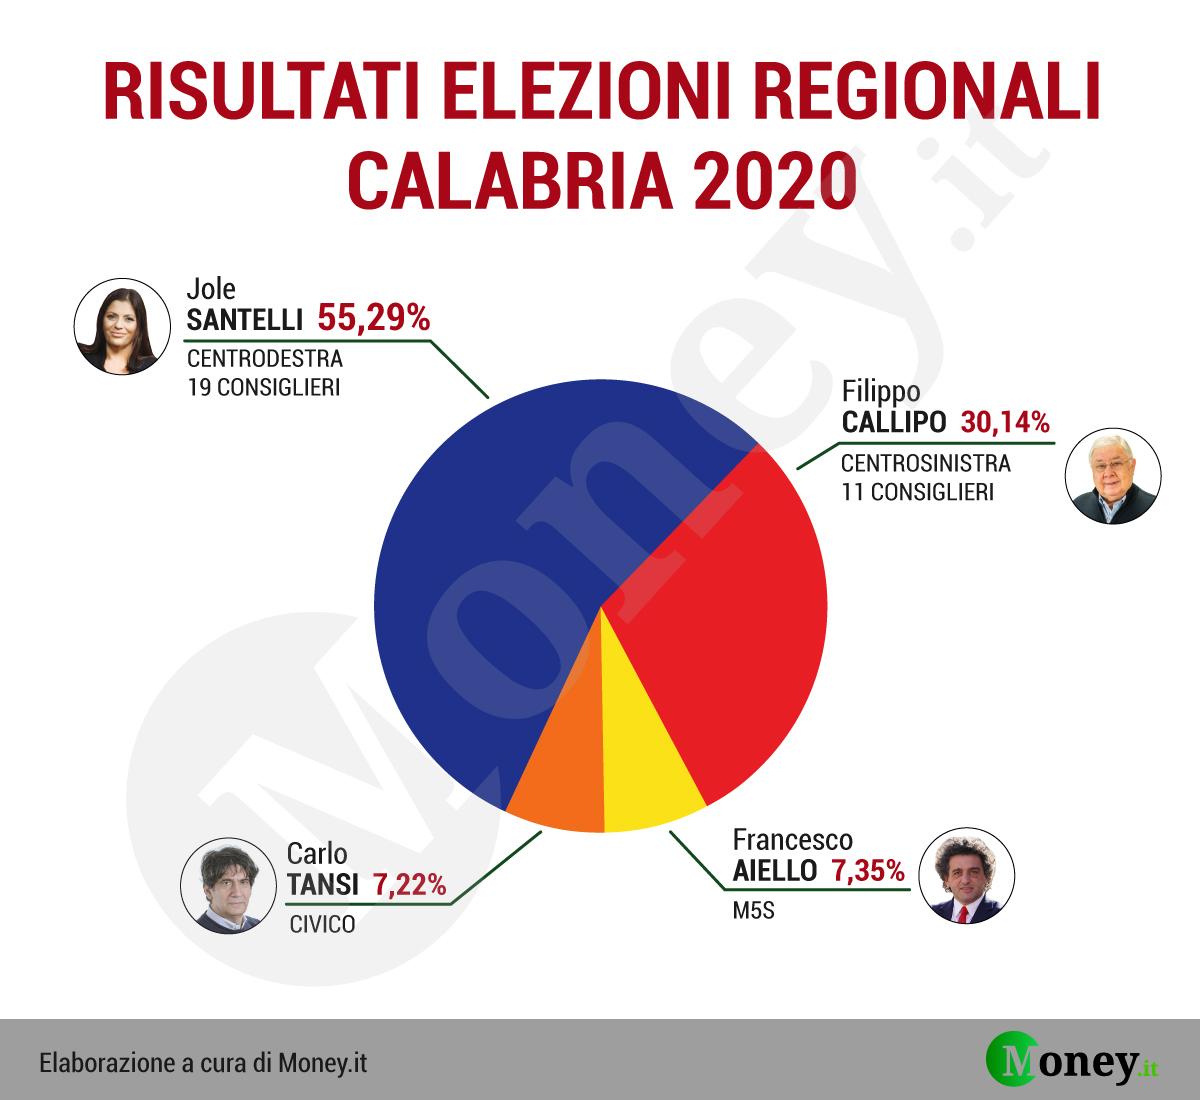 Elezioni Calabria 2020, risultati definitivi candidati e liste: Santelli  nuova presidente